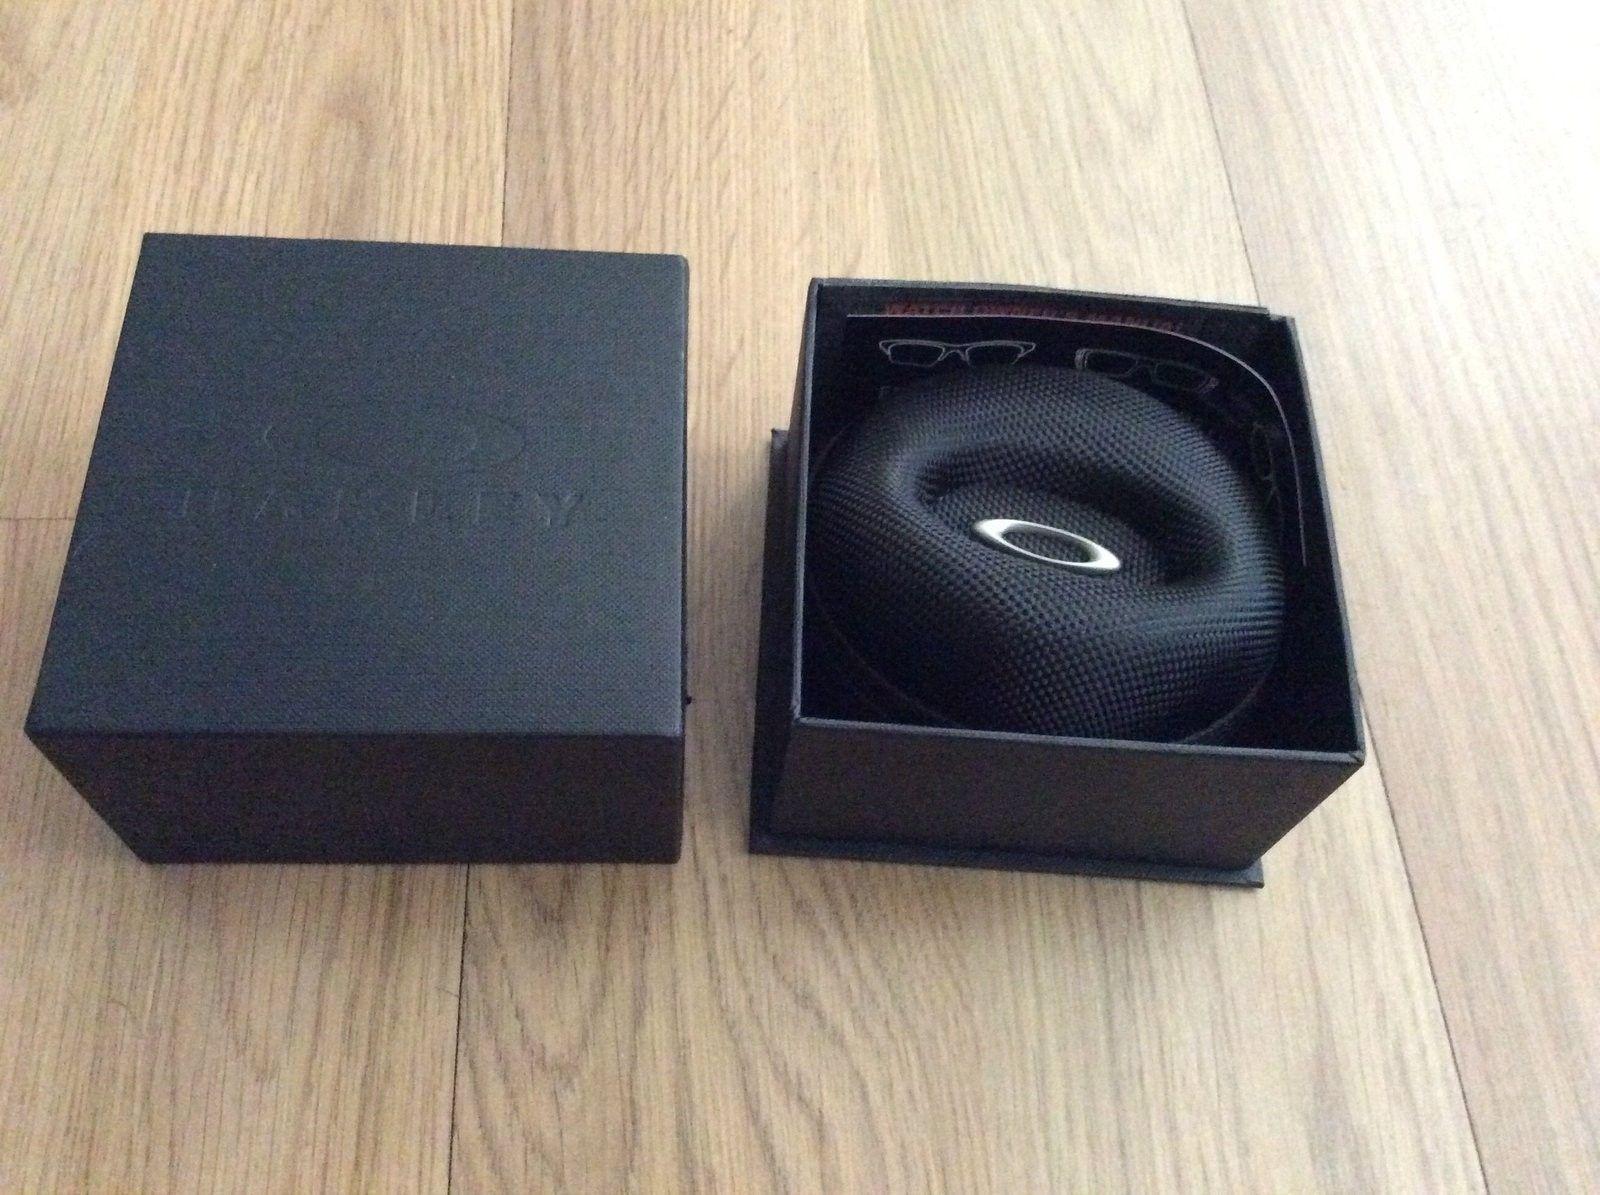 BNIB Gearbox $350 Shipped - image.jpg